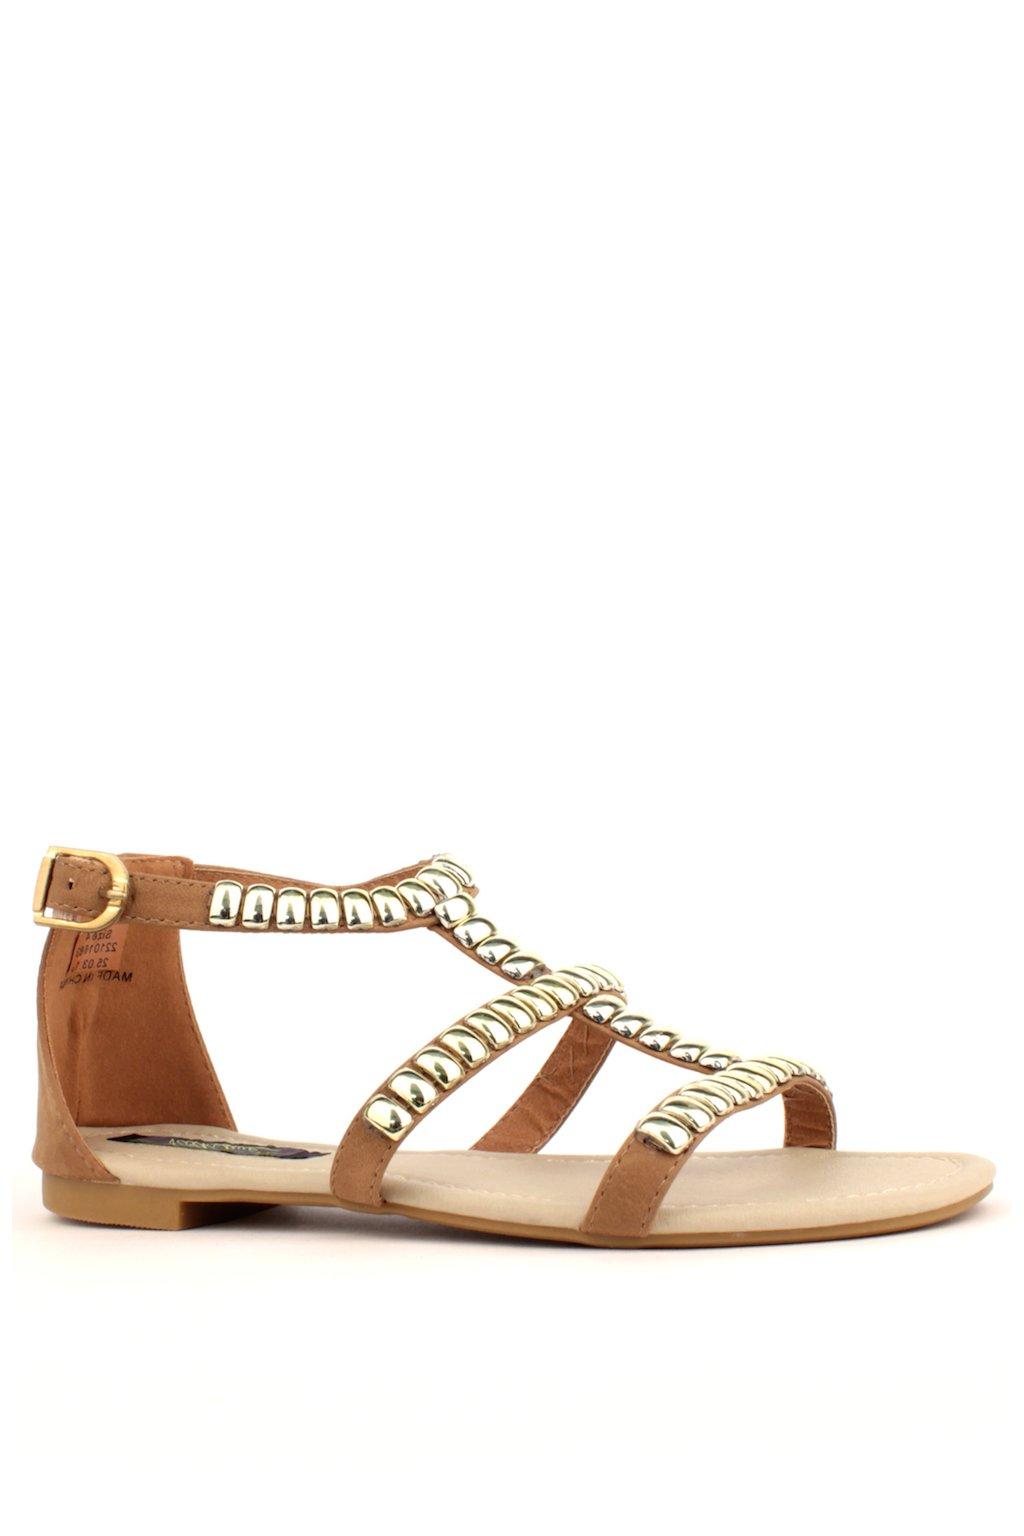 Béžové kožené sandály Park Lane se zlatými cvoky